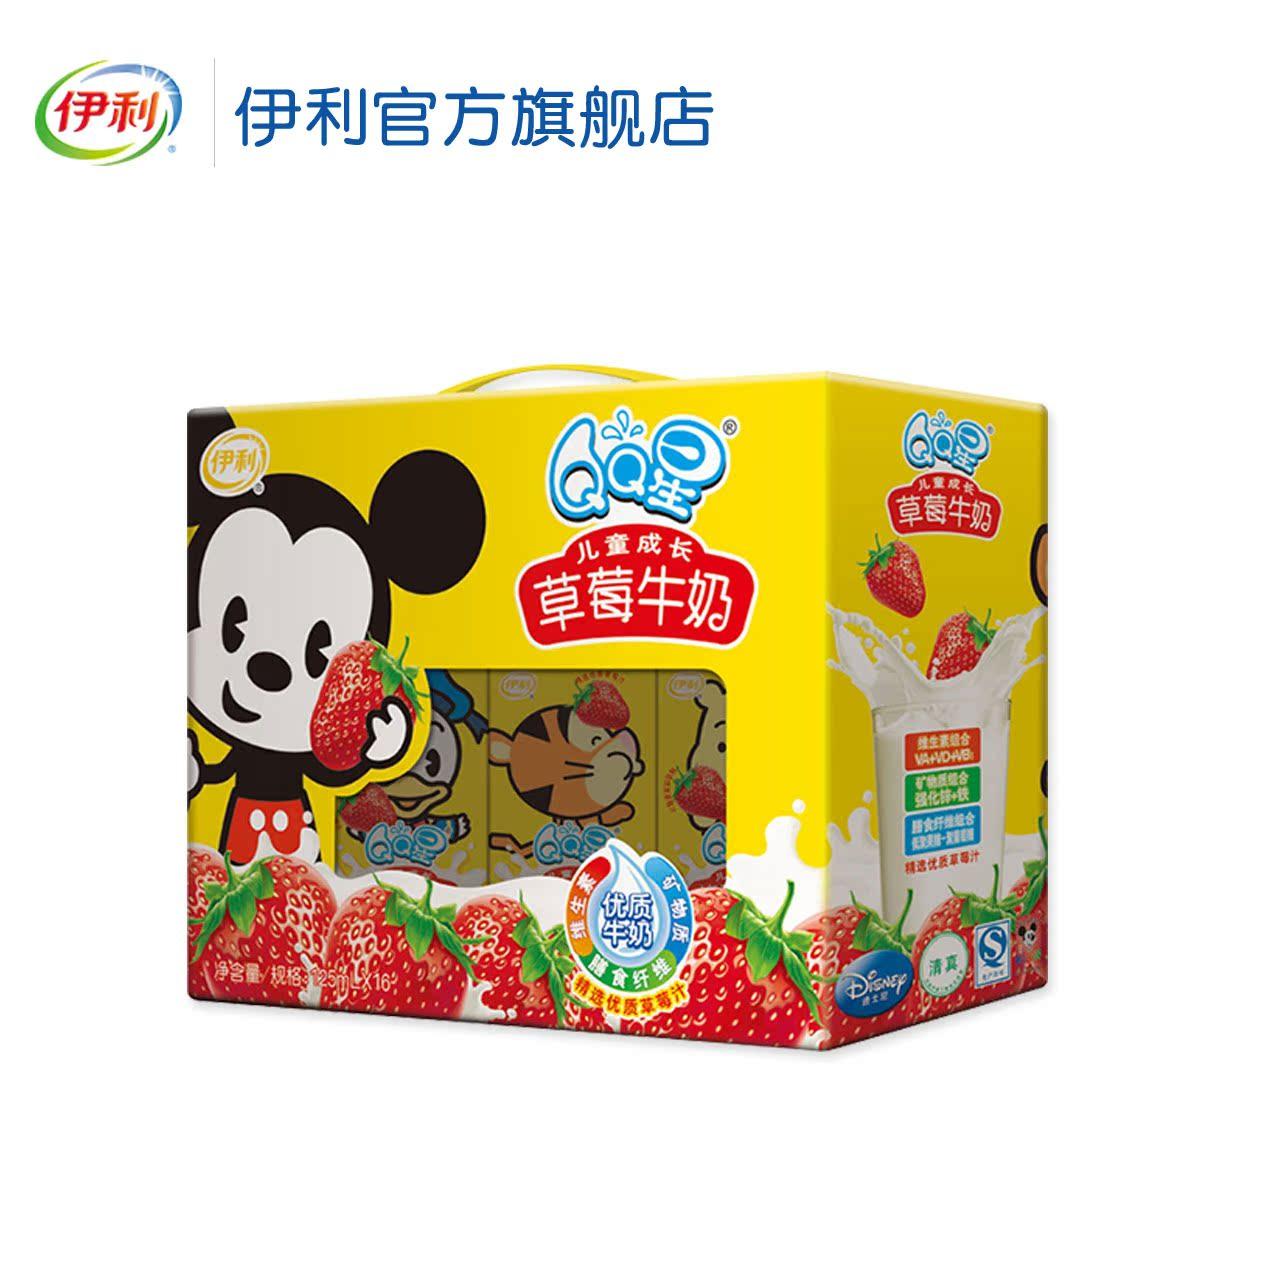 ~伊利旗艦店~伊利QQ星兒童成長草莓味牛奶125ml~16